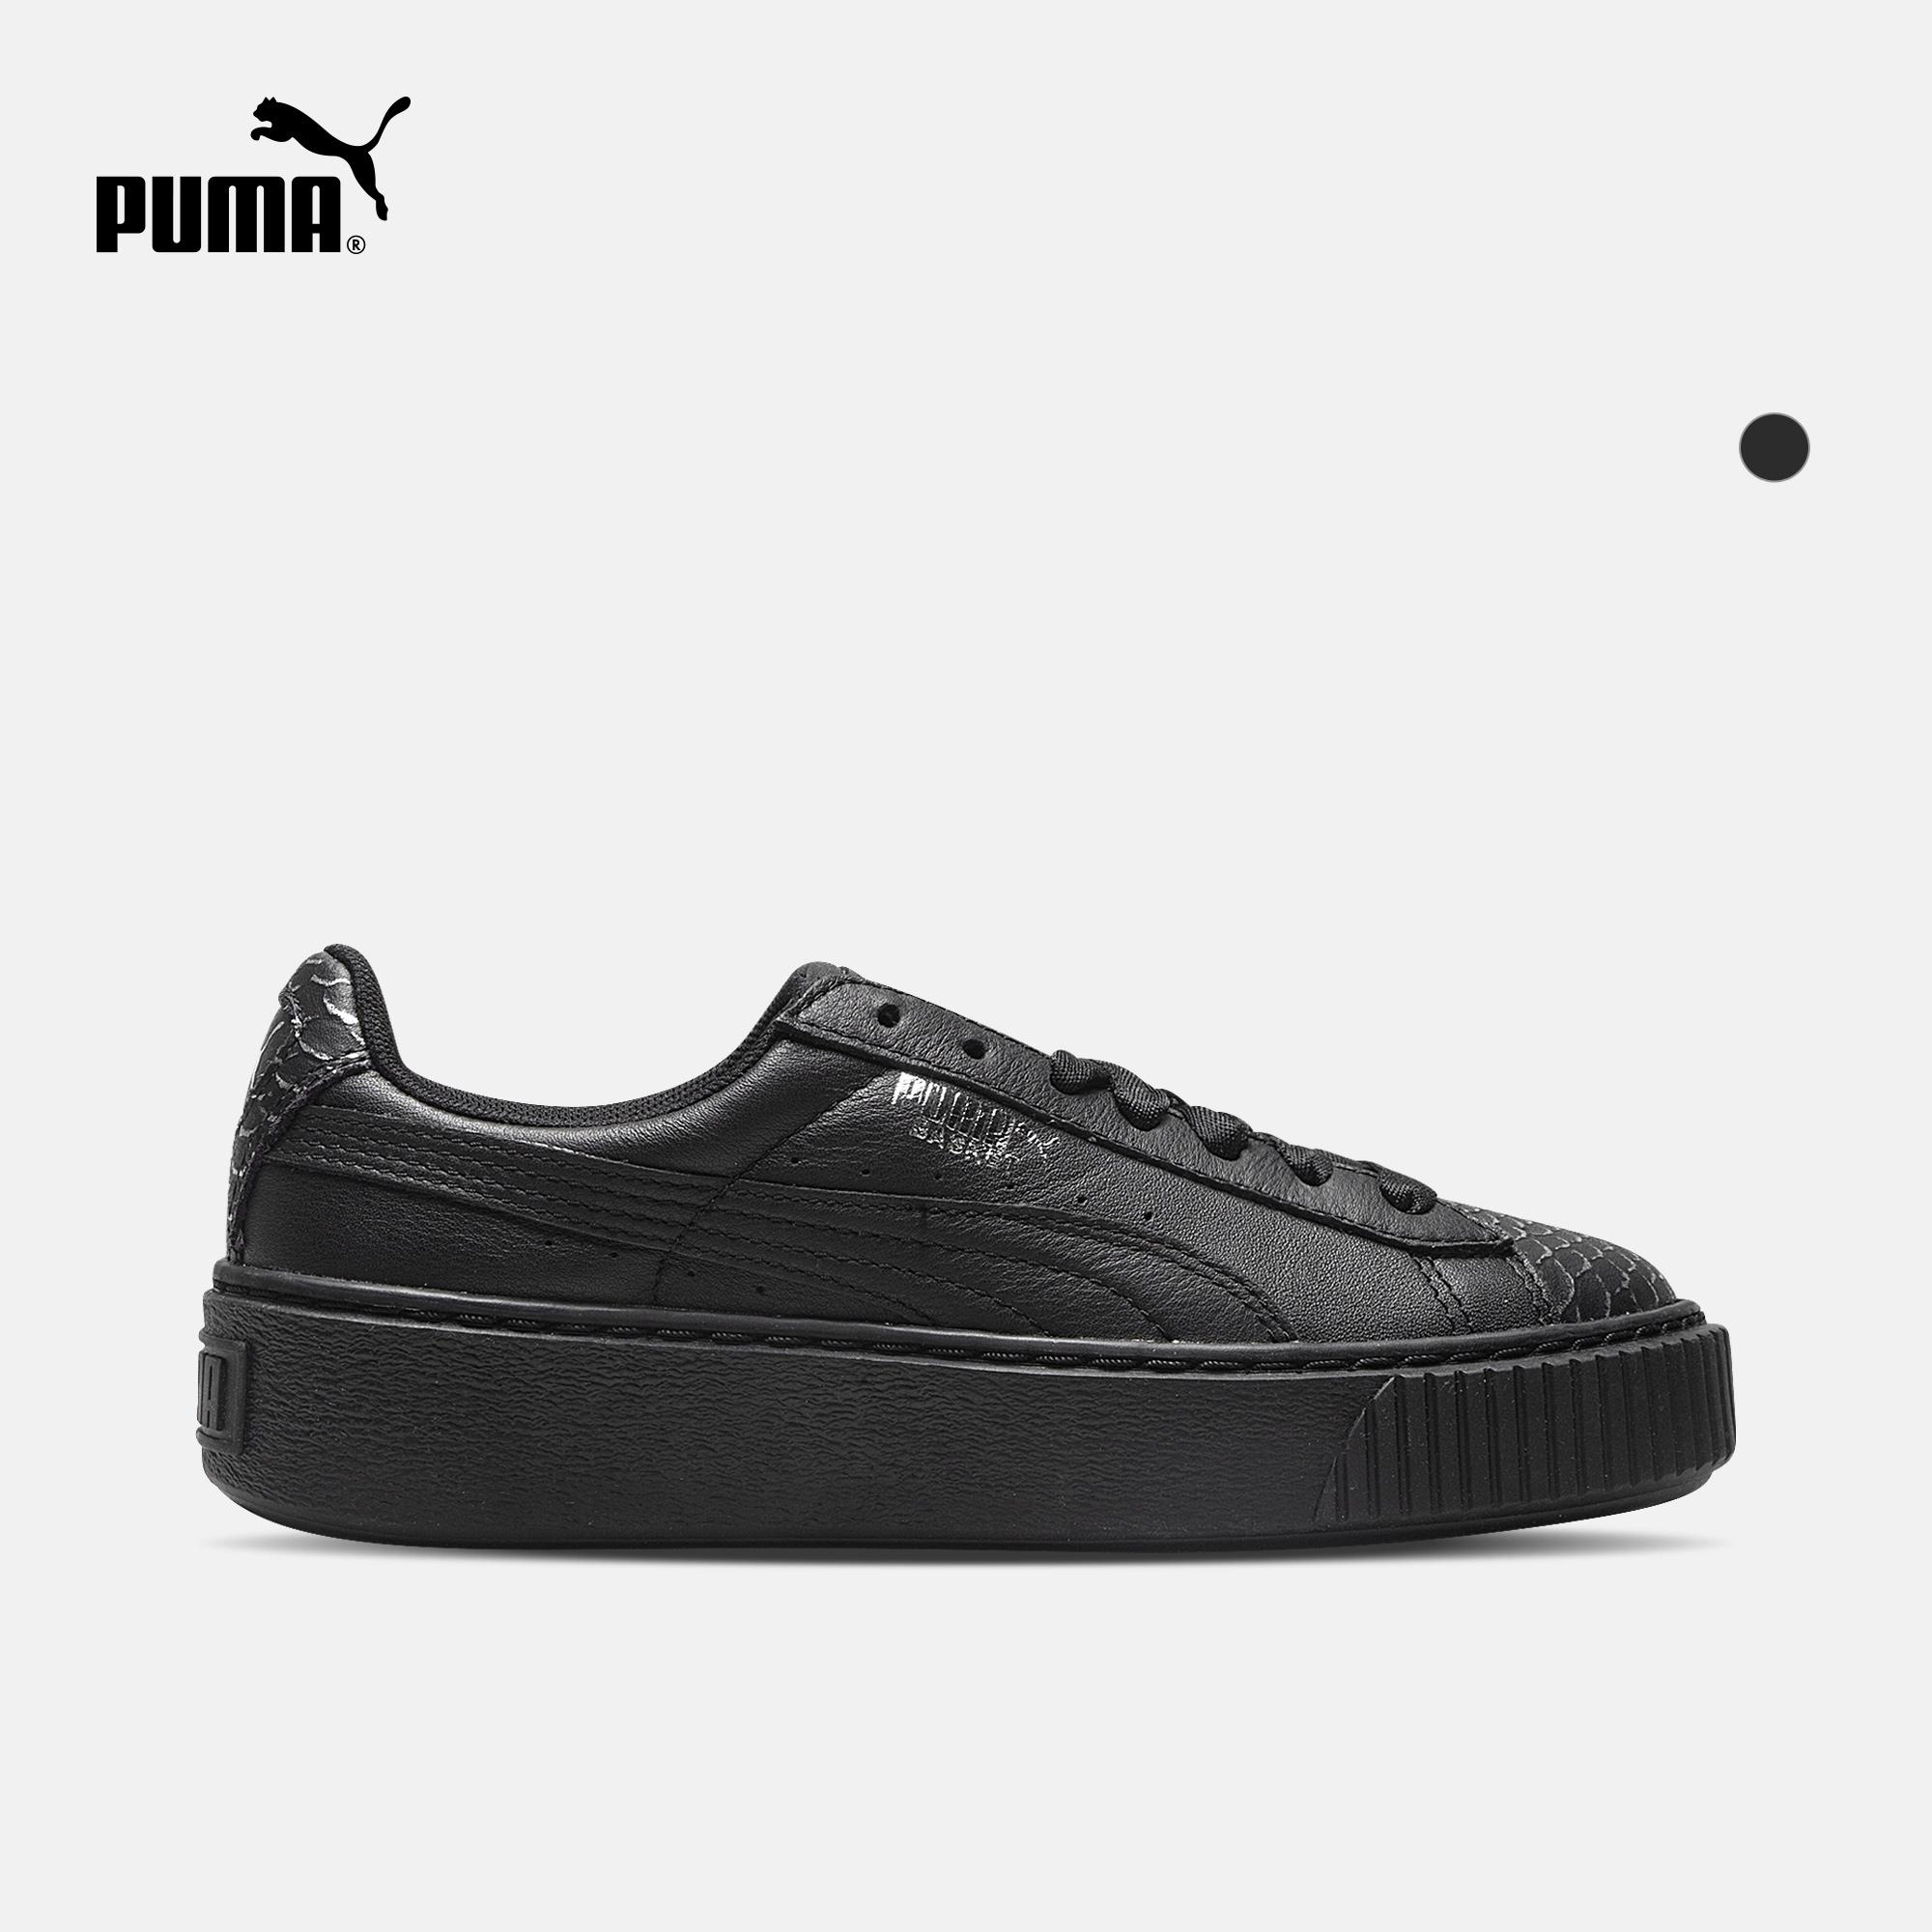 PUMA彪马官方 女子厚底休闲鞋 Basket Platform Ocean 366442